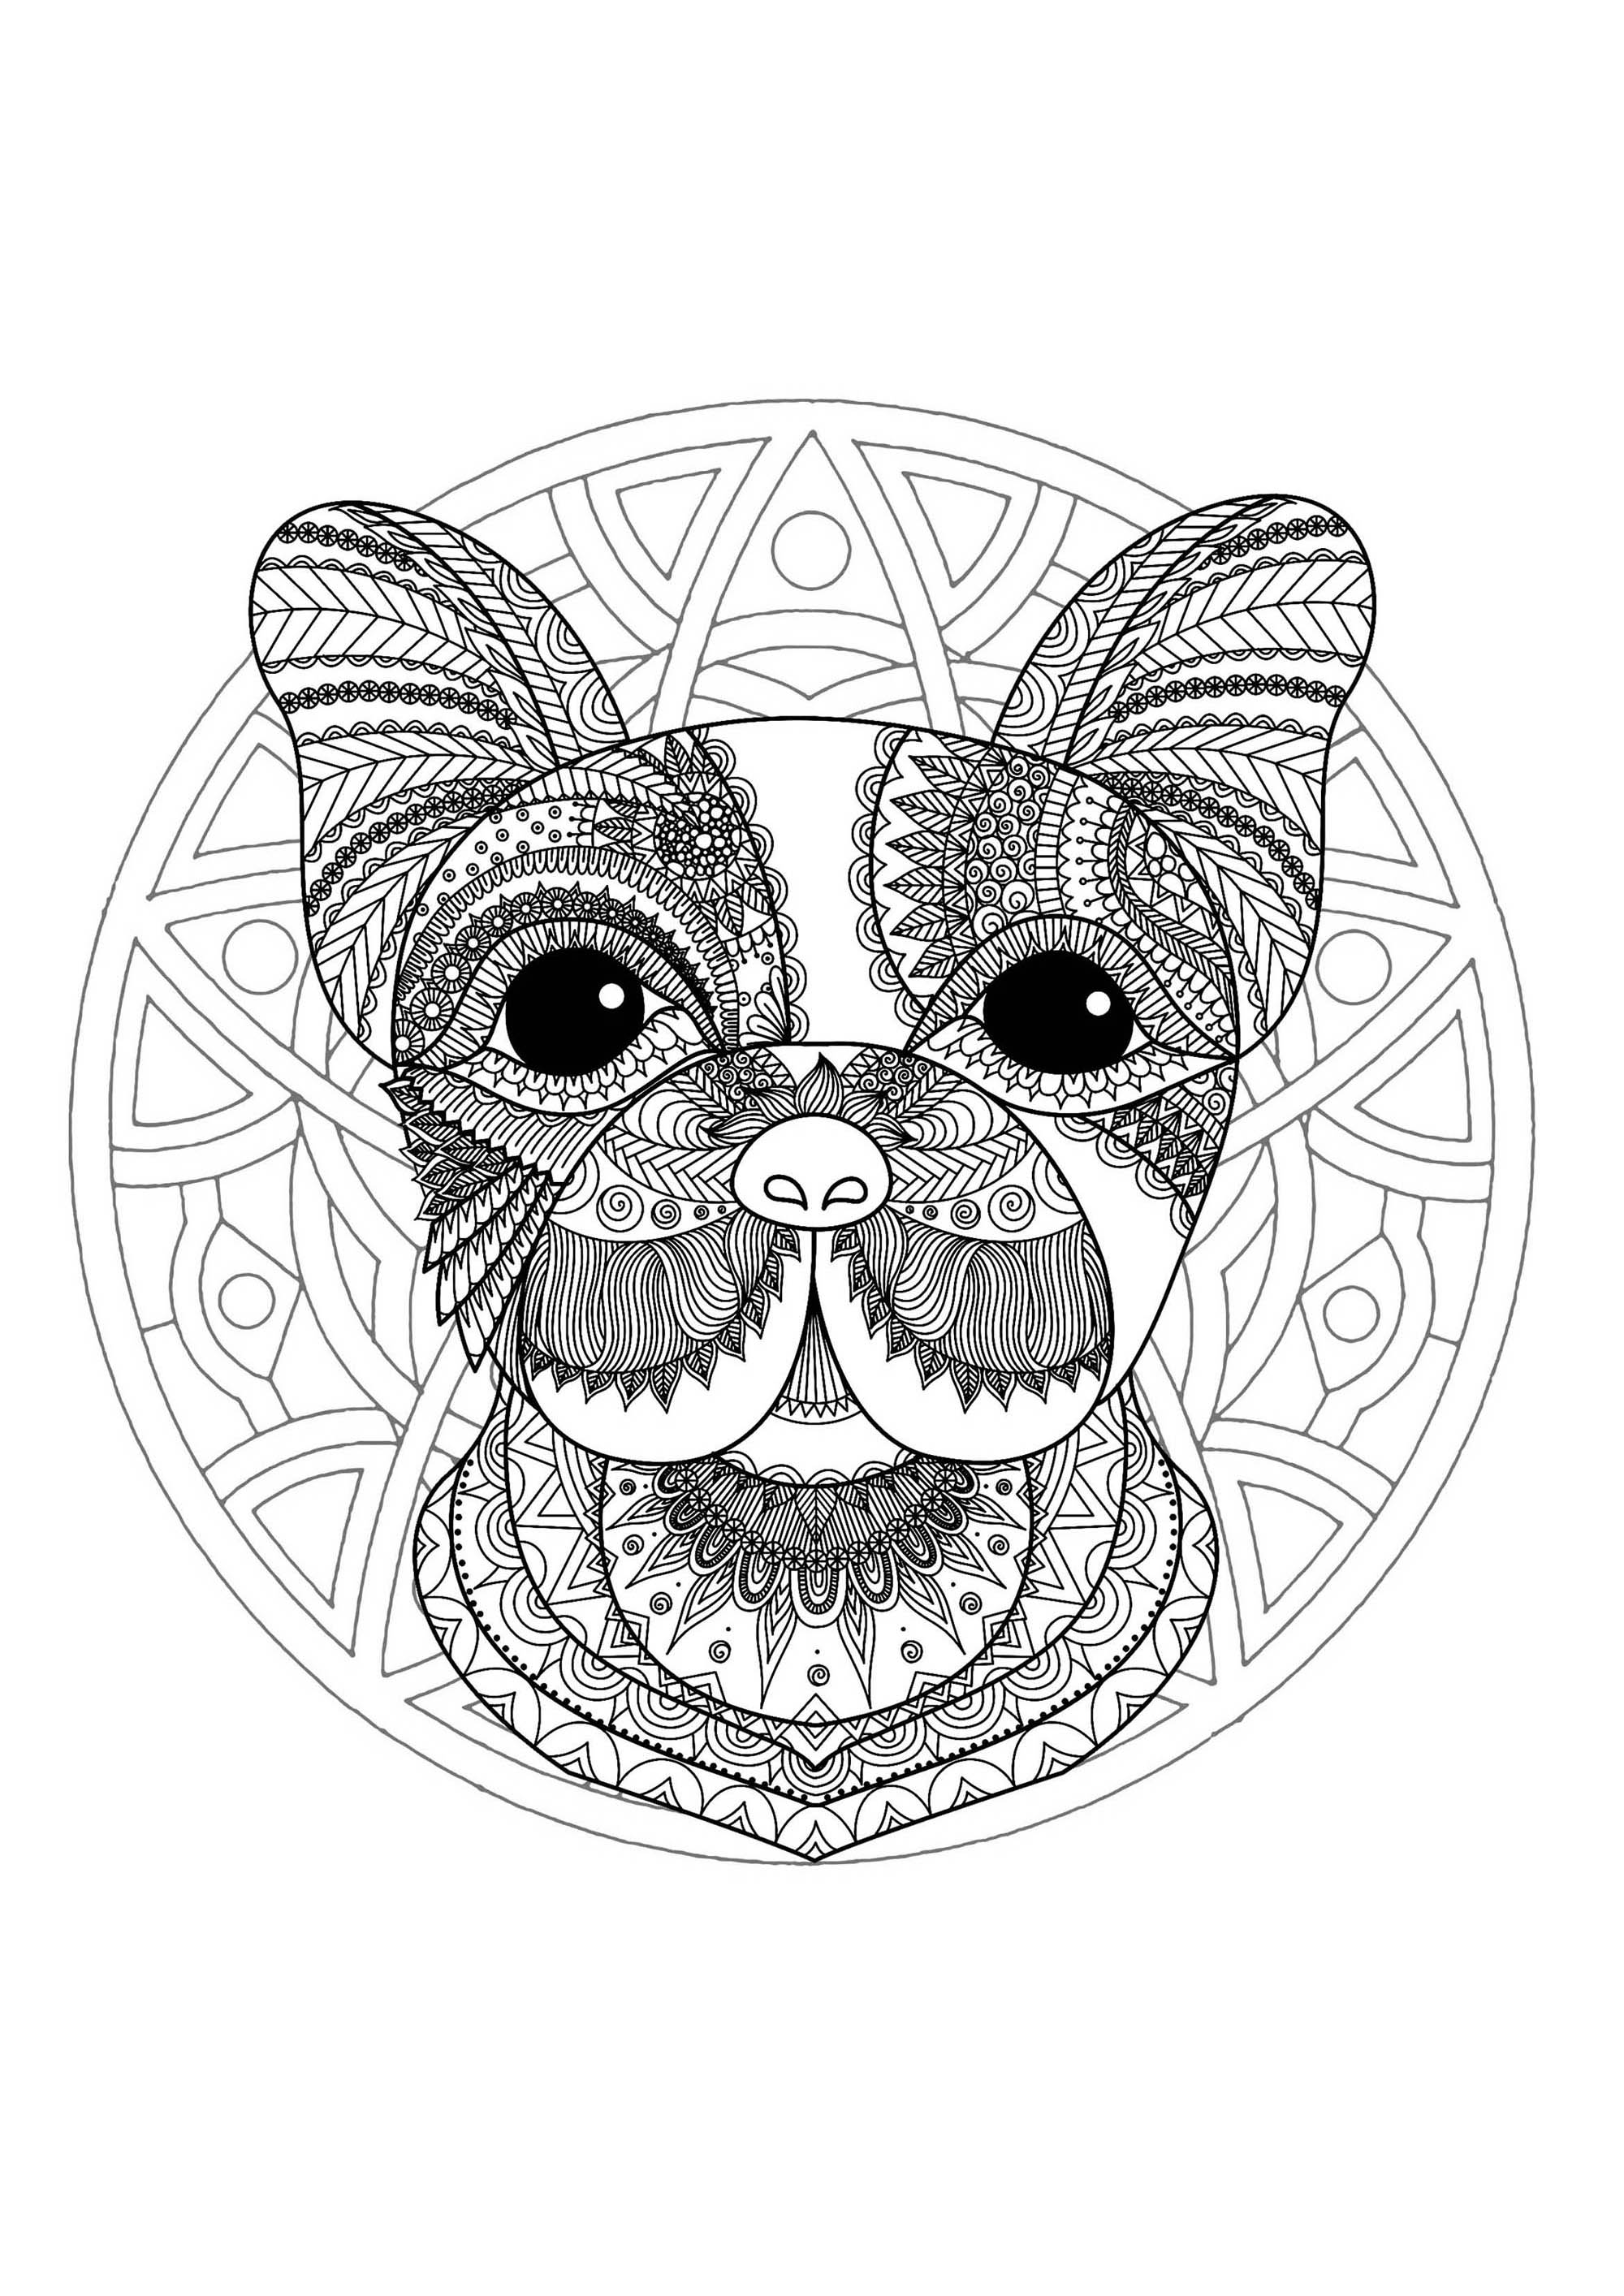 Mandalas 34174 - Mandalas - Colorear para adultos